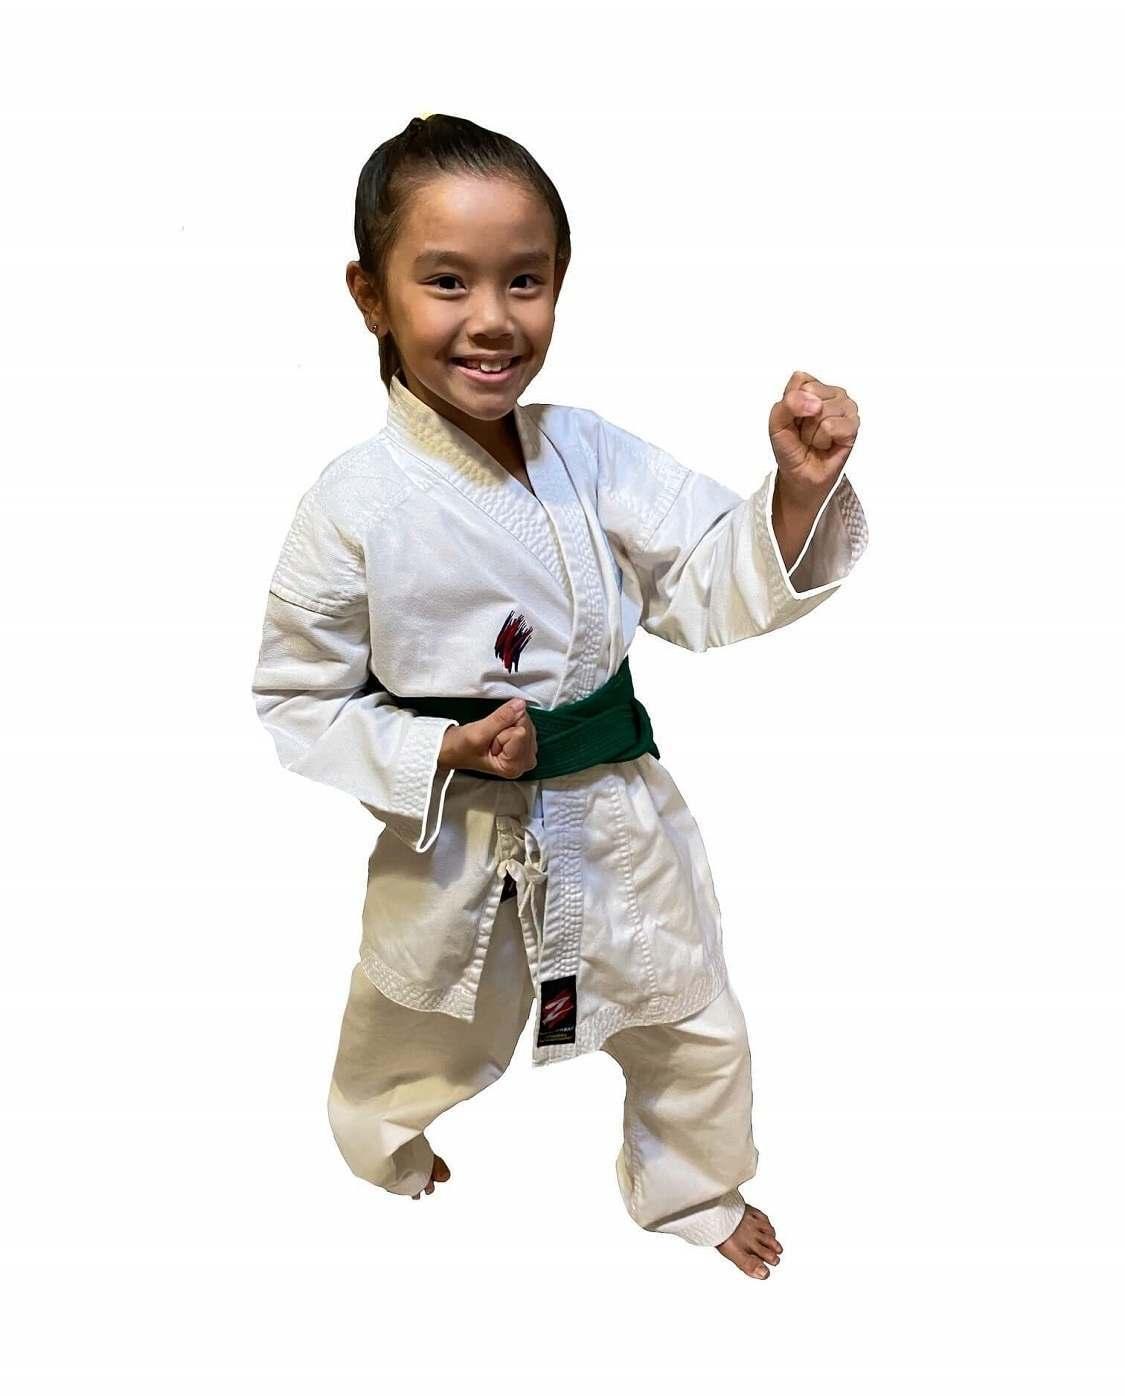 Webp.net Resizeimage, Personal Achievement Martial Arts Wheat Ridge CO